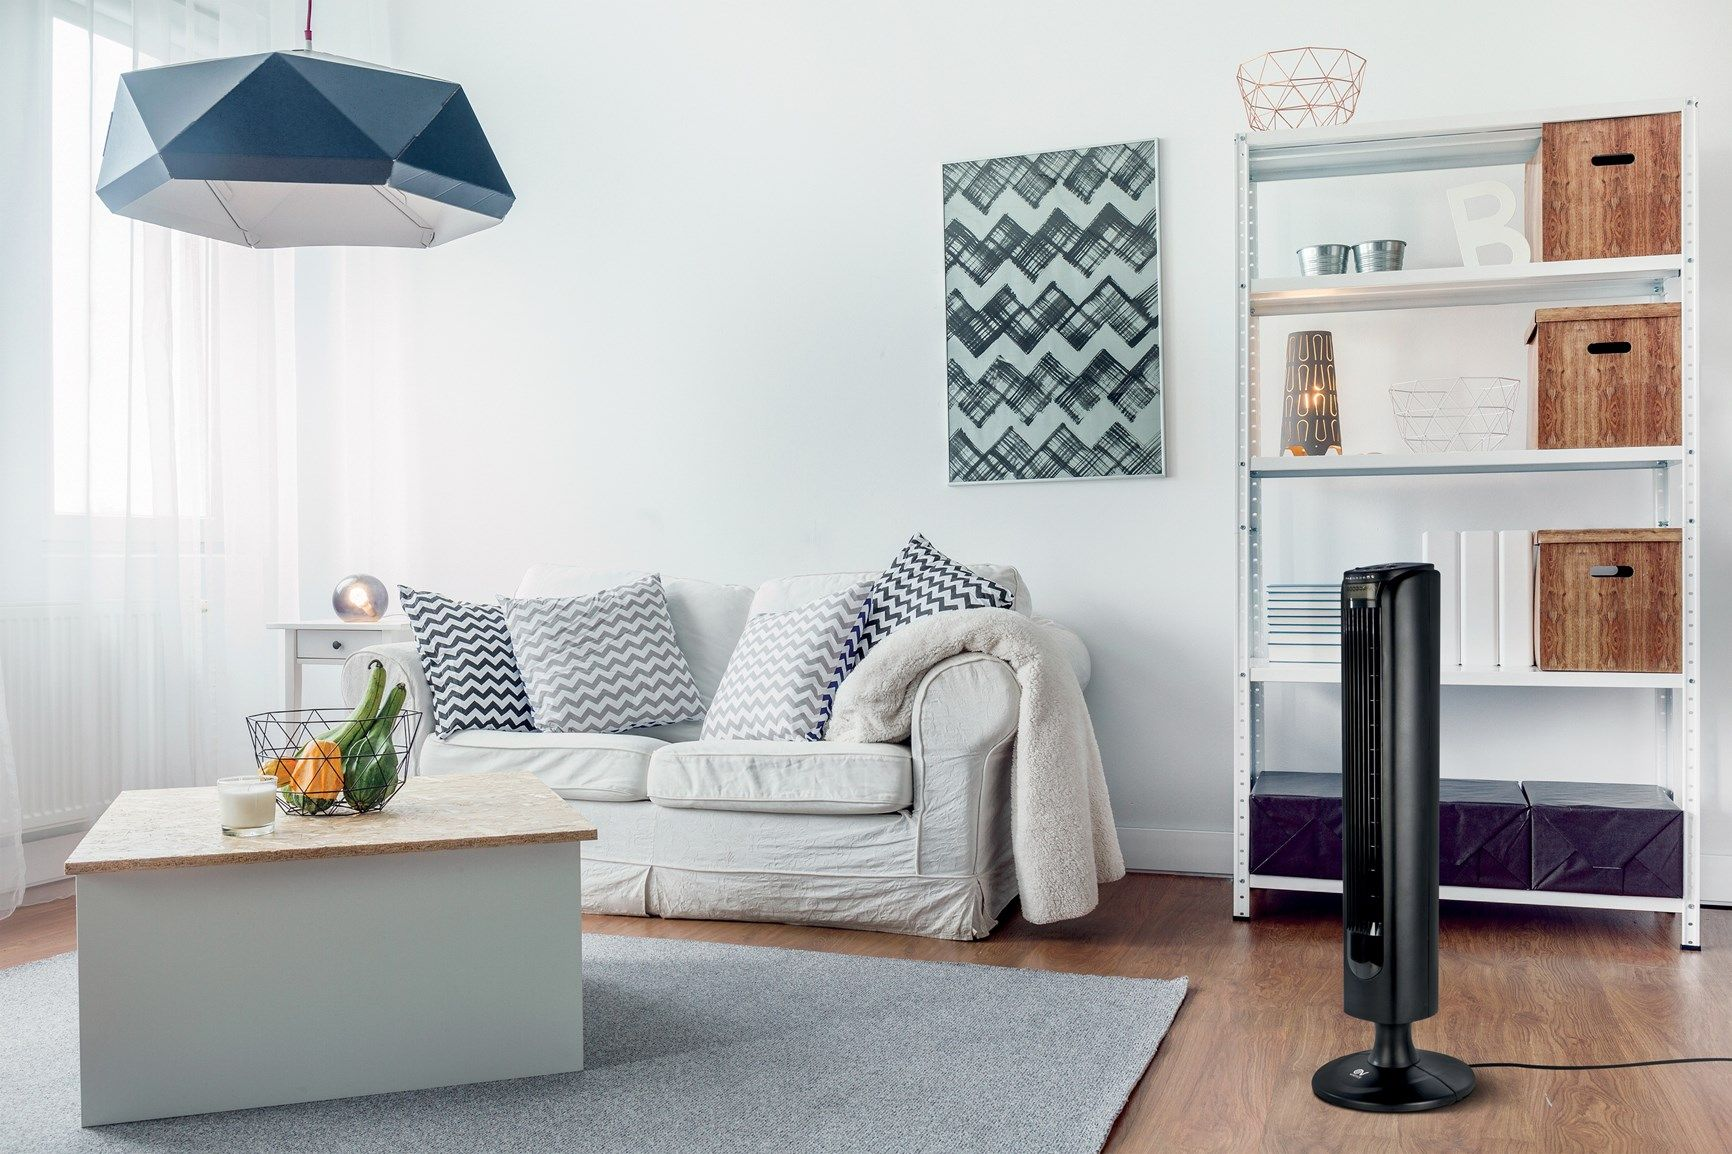 Ridotti ingombri e praticità di utilizzo con il ventilatore ARIANTE TOWER